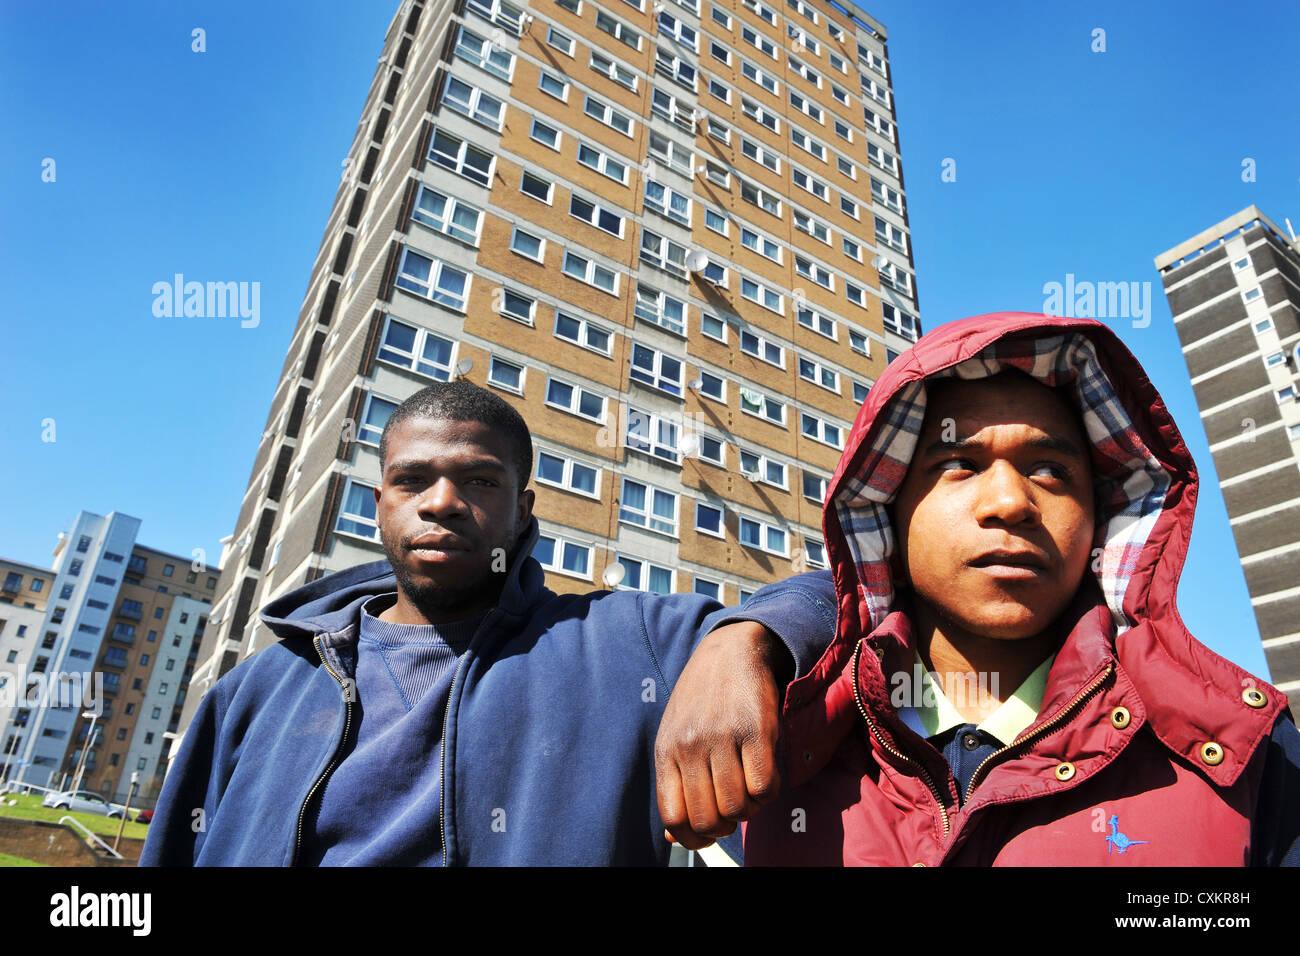 Los jóvenes desempleados jóvenes Leeds UK Imagen De Stock